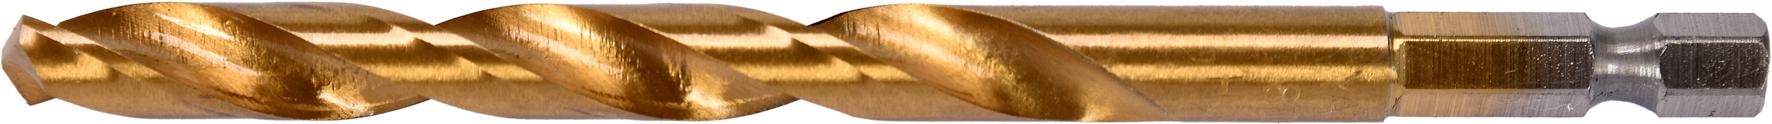 Burghiu HSS-TiN 8.0mm (1/4 HEX)